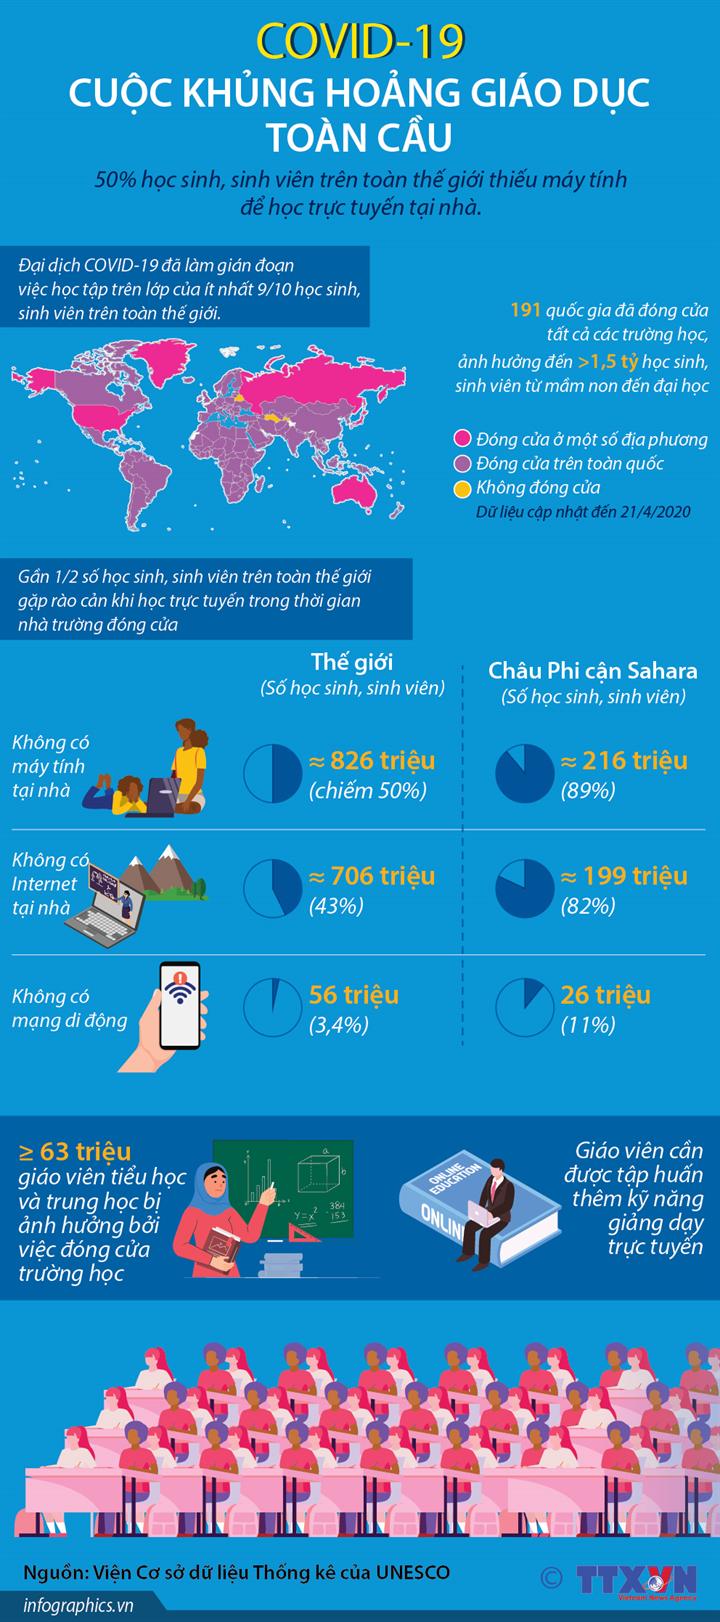 COVID-19: Cuộc khủng hoảng giáo dục toàn cầu